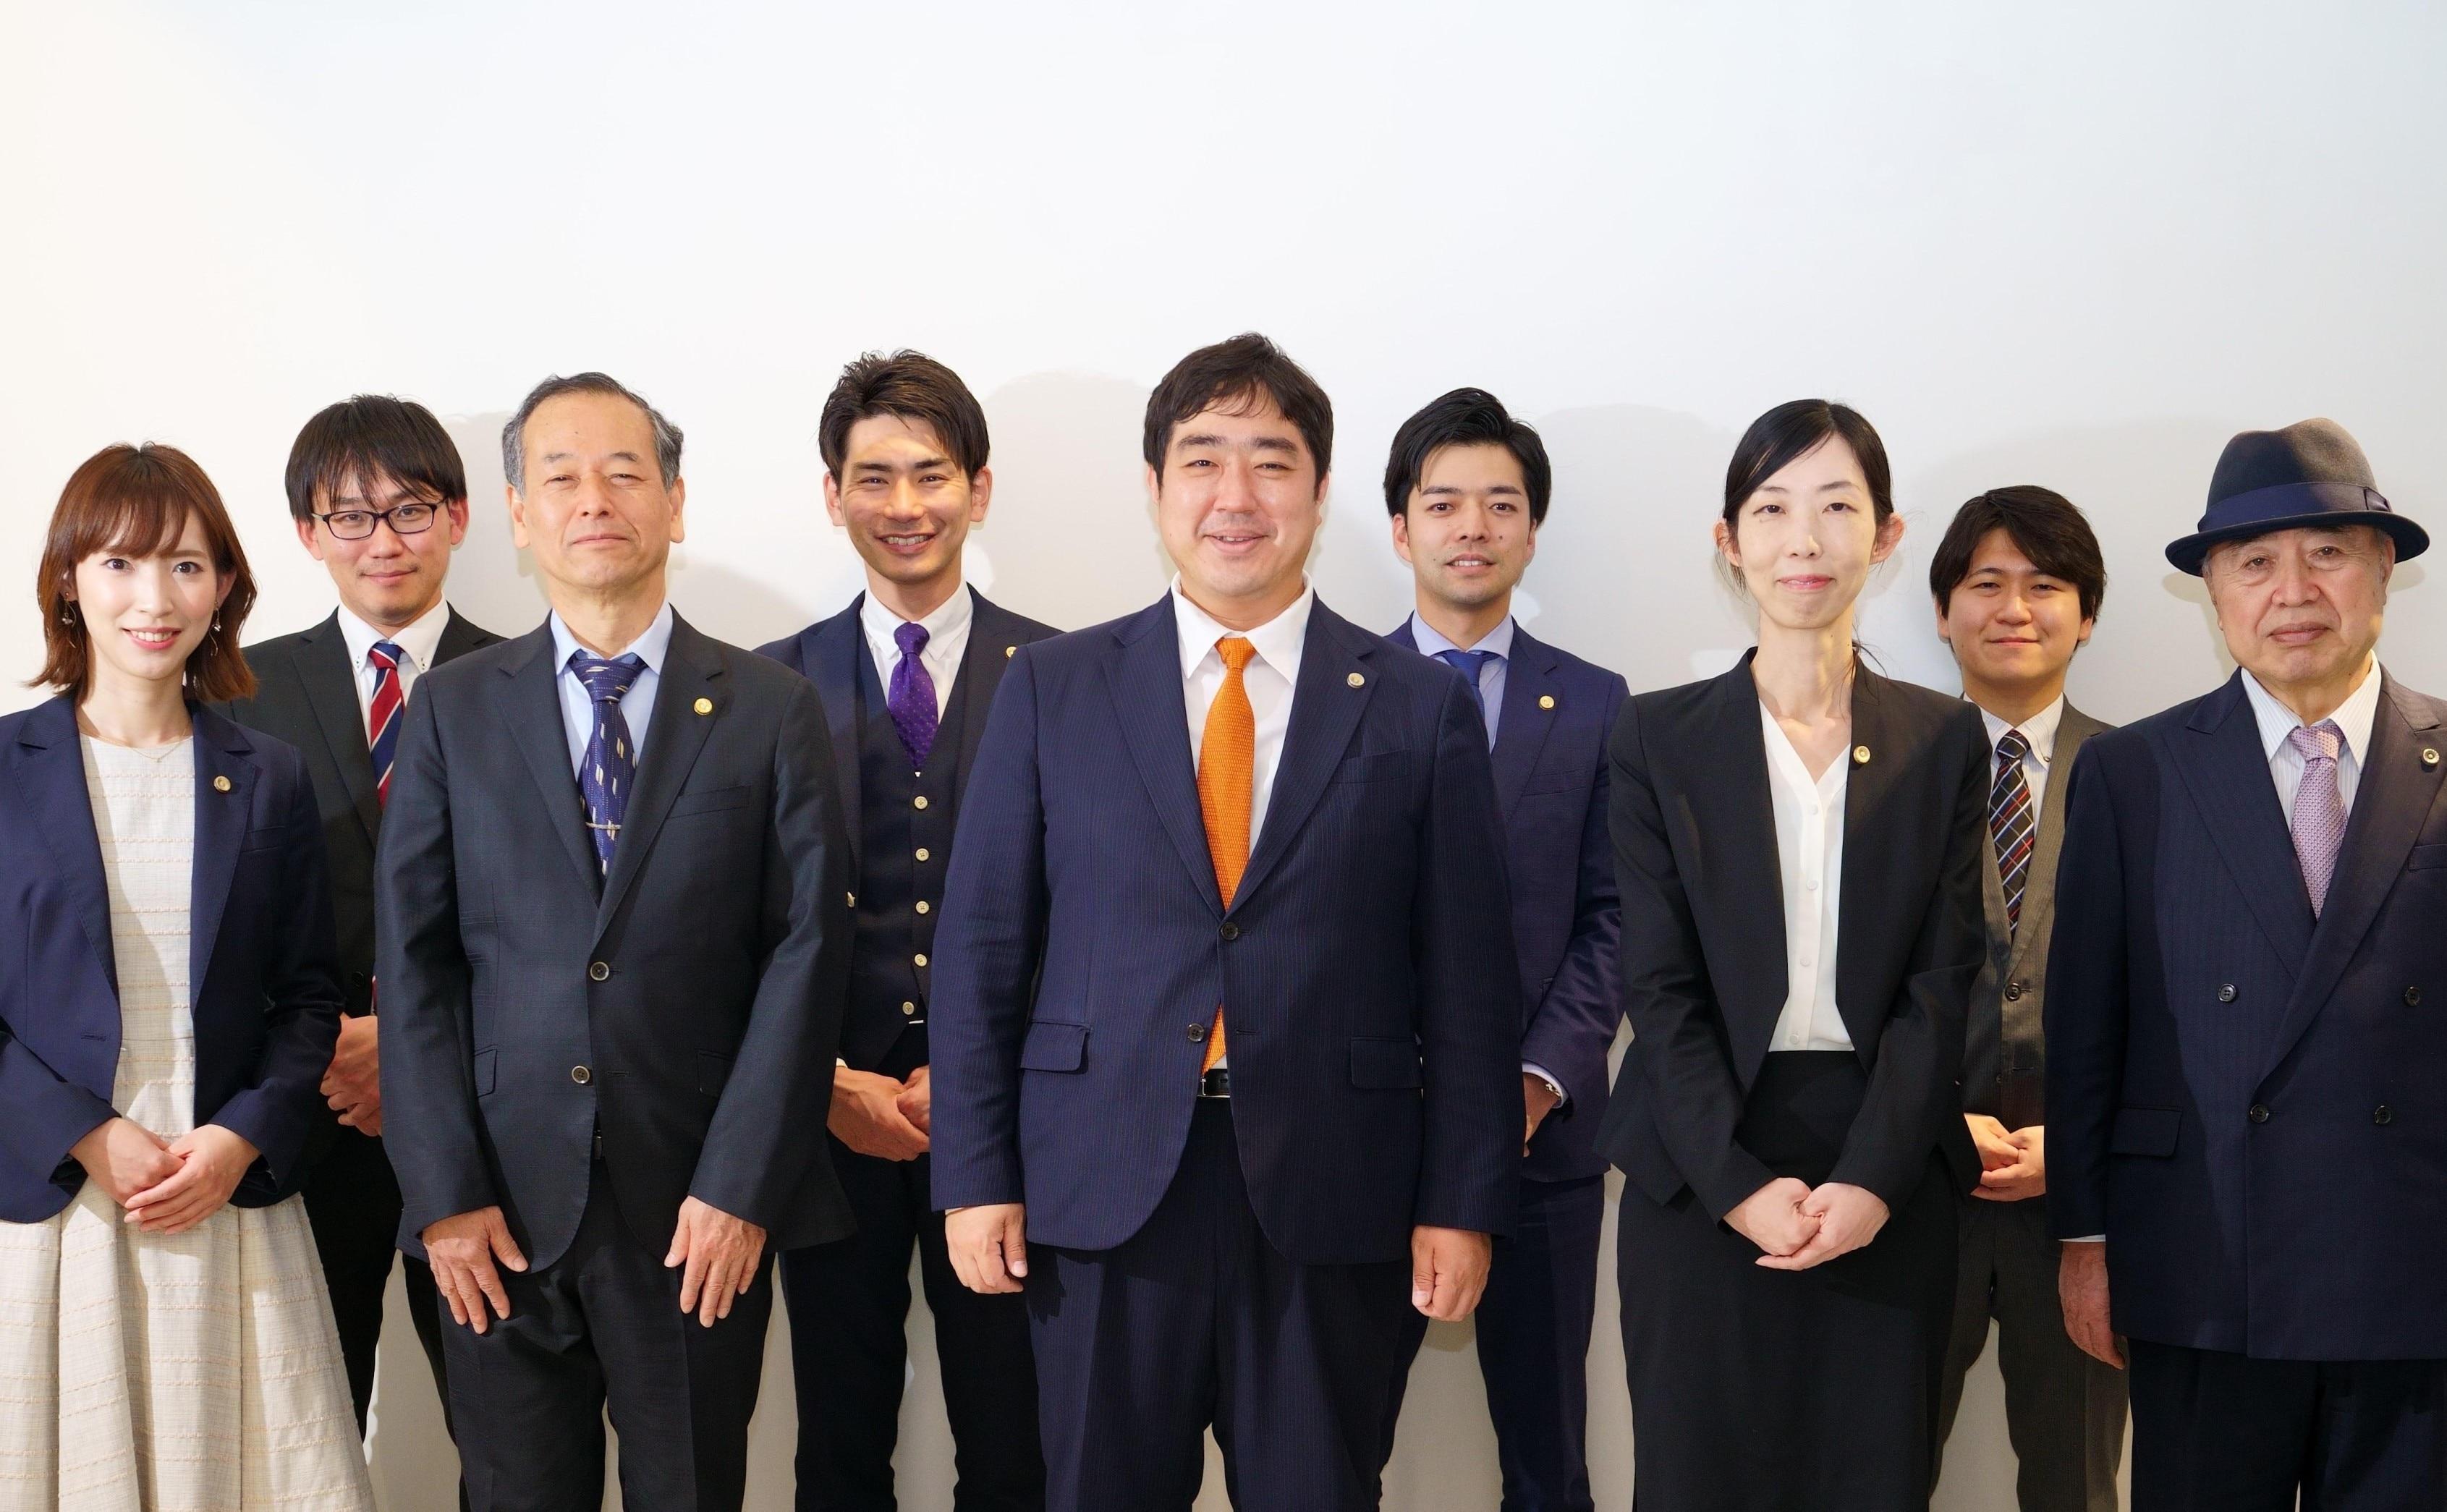 弁護士法人田中彰寿法律事務所